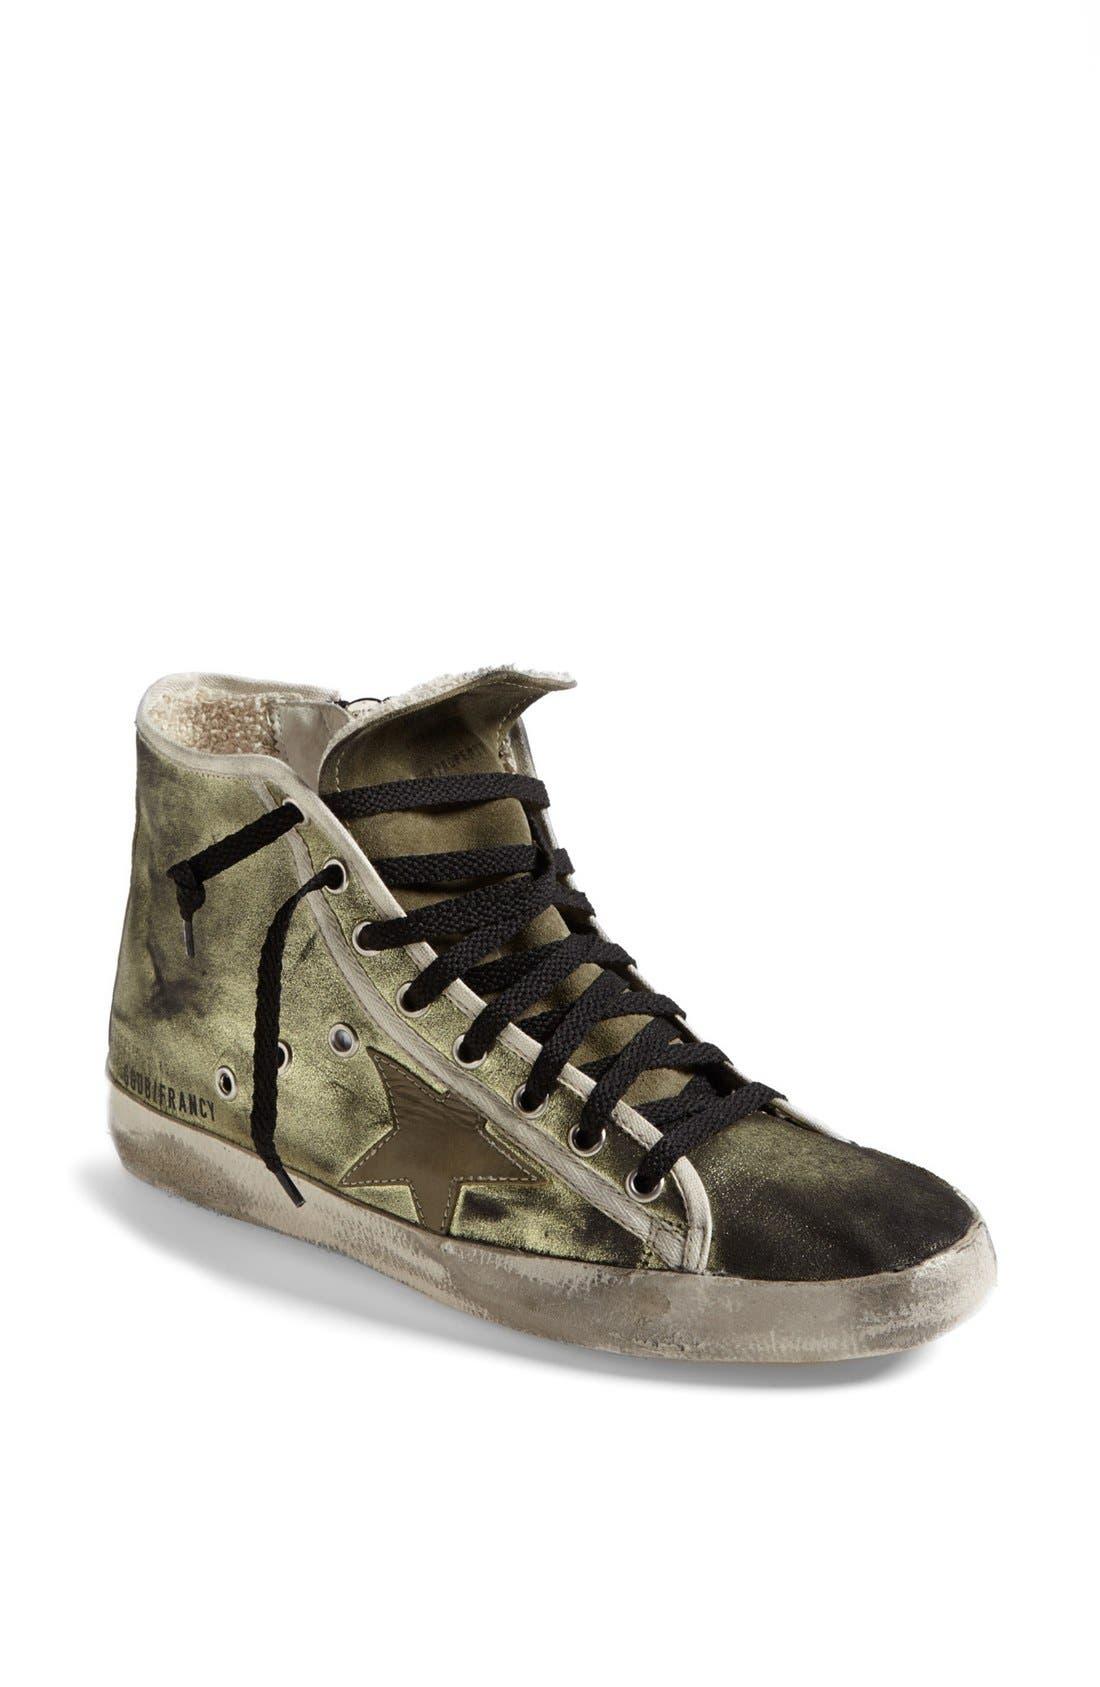 Main Image - Golden Goose 'Francy' High Top Sneaker